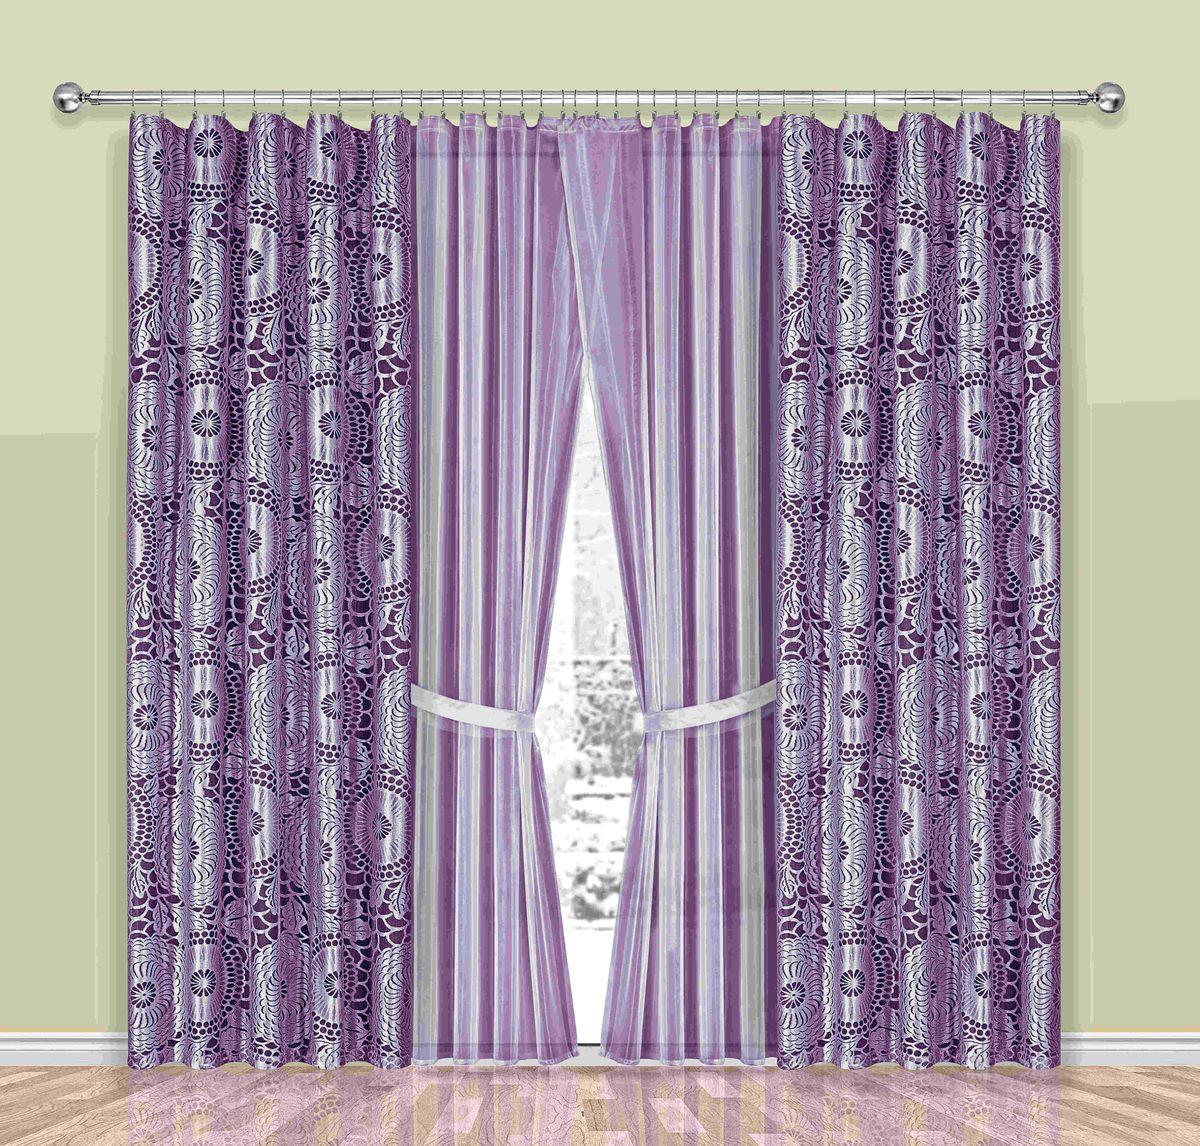 Комплект штор Wisan Sasza, на ленте, цвет: лиловый, высота 250 см190WКомплект штор Wisan Sasza выполненный из полиэстера, великолепно украсит любое окно. В комплект входят 2 шторы, тюль и 2 подхвата. Интересный крой, и цветочный узор придают комплекту особый стиль и шарм. Тонкое плетение, нежная цветовая гамма и роскошное исполнение - все это делает шторы Wisan Sasza замечательным дополнением интерьера помещения. Комплект оснащен шторной лентой для красивой сборки. В комплект входит: Штора - 2 шт. Размер (ШхВ): 150 см х 250 см. Тюль - 2 шт. Размер (ШхВ): 250 см х 250 см. Подхват - 2 шт. Фирма Wisan на польском рынке существует уже более пятидесяти лет и является одной из лучших польских фабрик по производству штор и тканей. Ассортимент фирмы представлен готовыми комплектами штор для гостиной, детской, кухни, а также текстилем для кухни (скатерти, салфетки, дорожки, кухонные занавески). Модельный ряд отличает оригинальный дизайн, высокое качество. Ассортимент продукции постоянно...